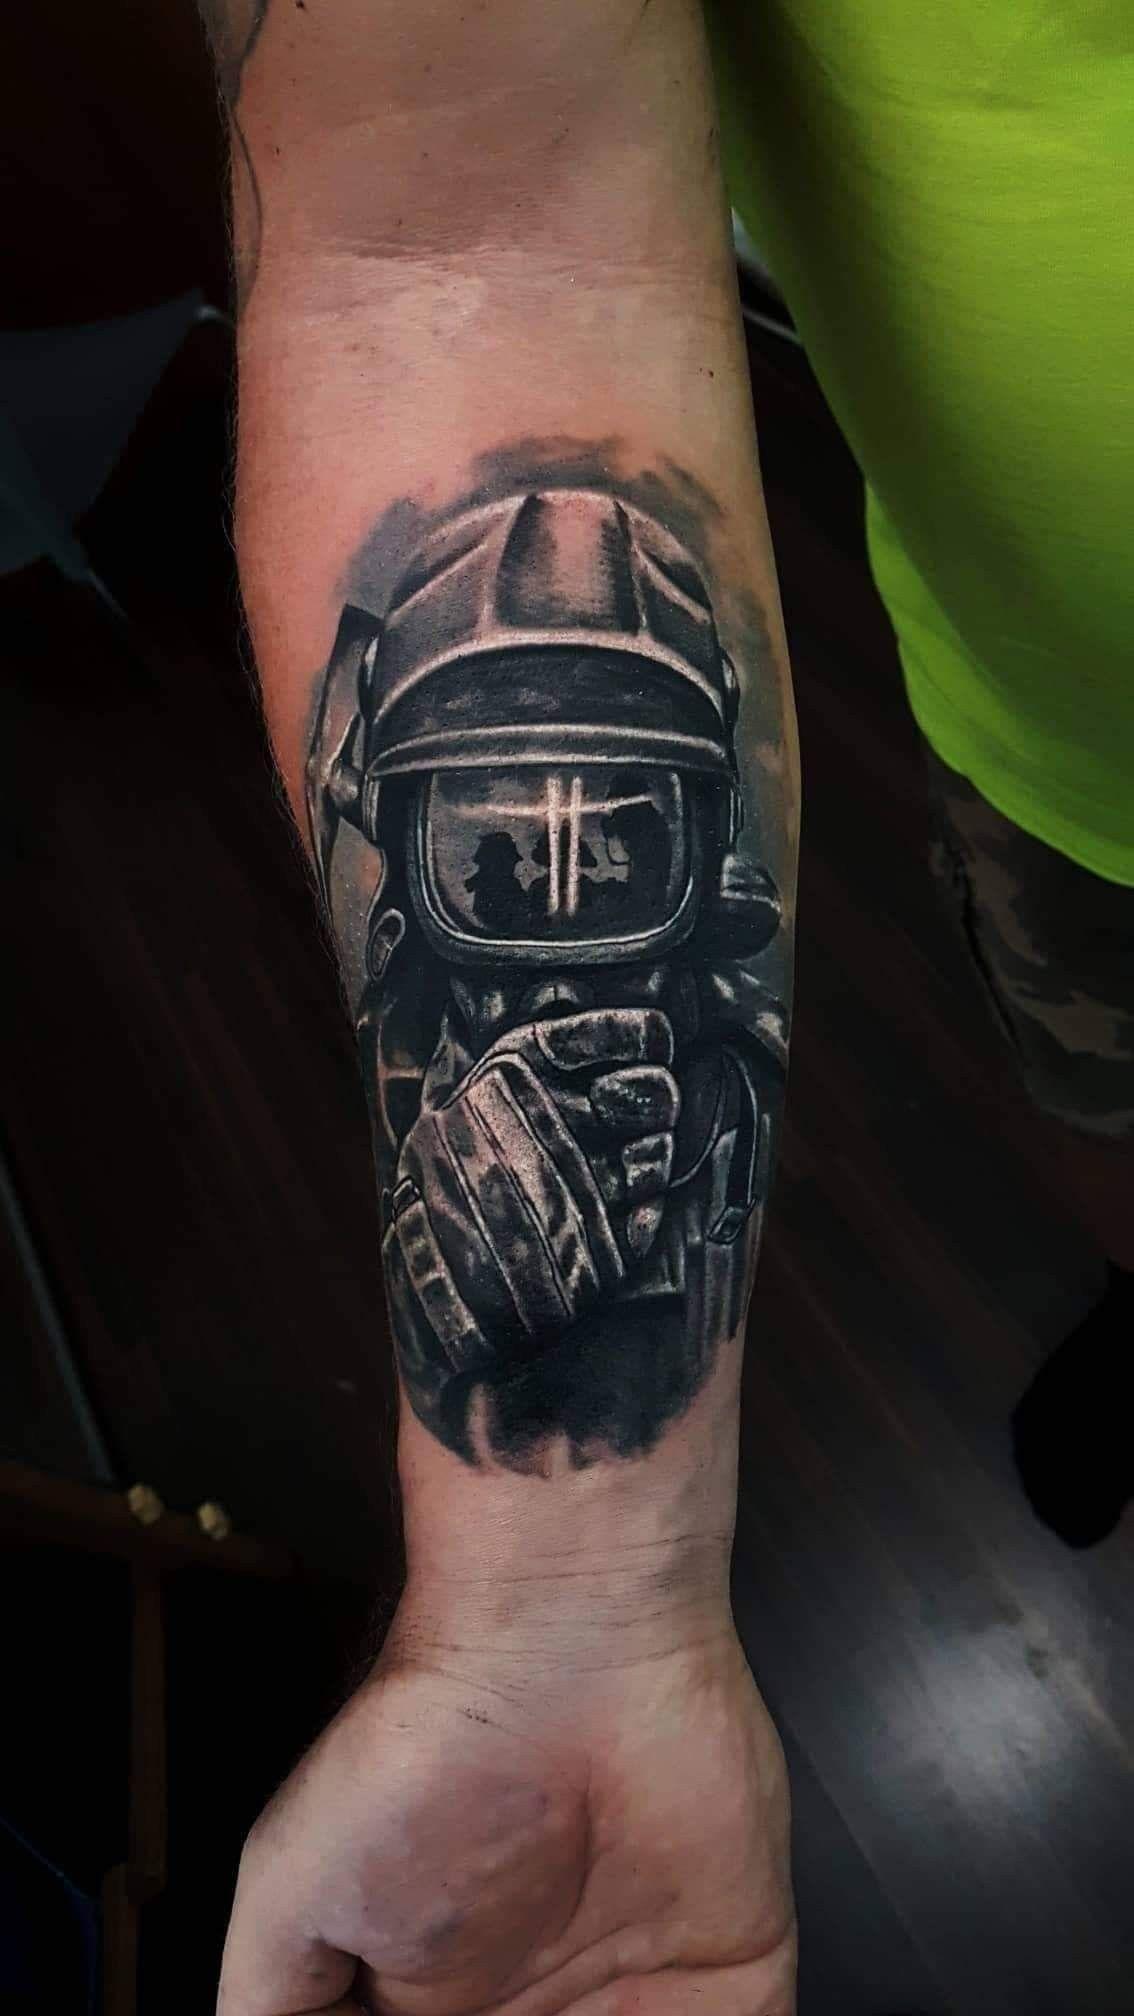 50 Firefighter Tattoos For Men Masculine Fireman Ideas 1